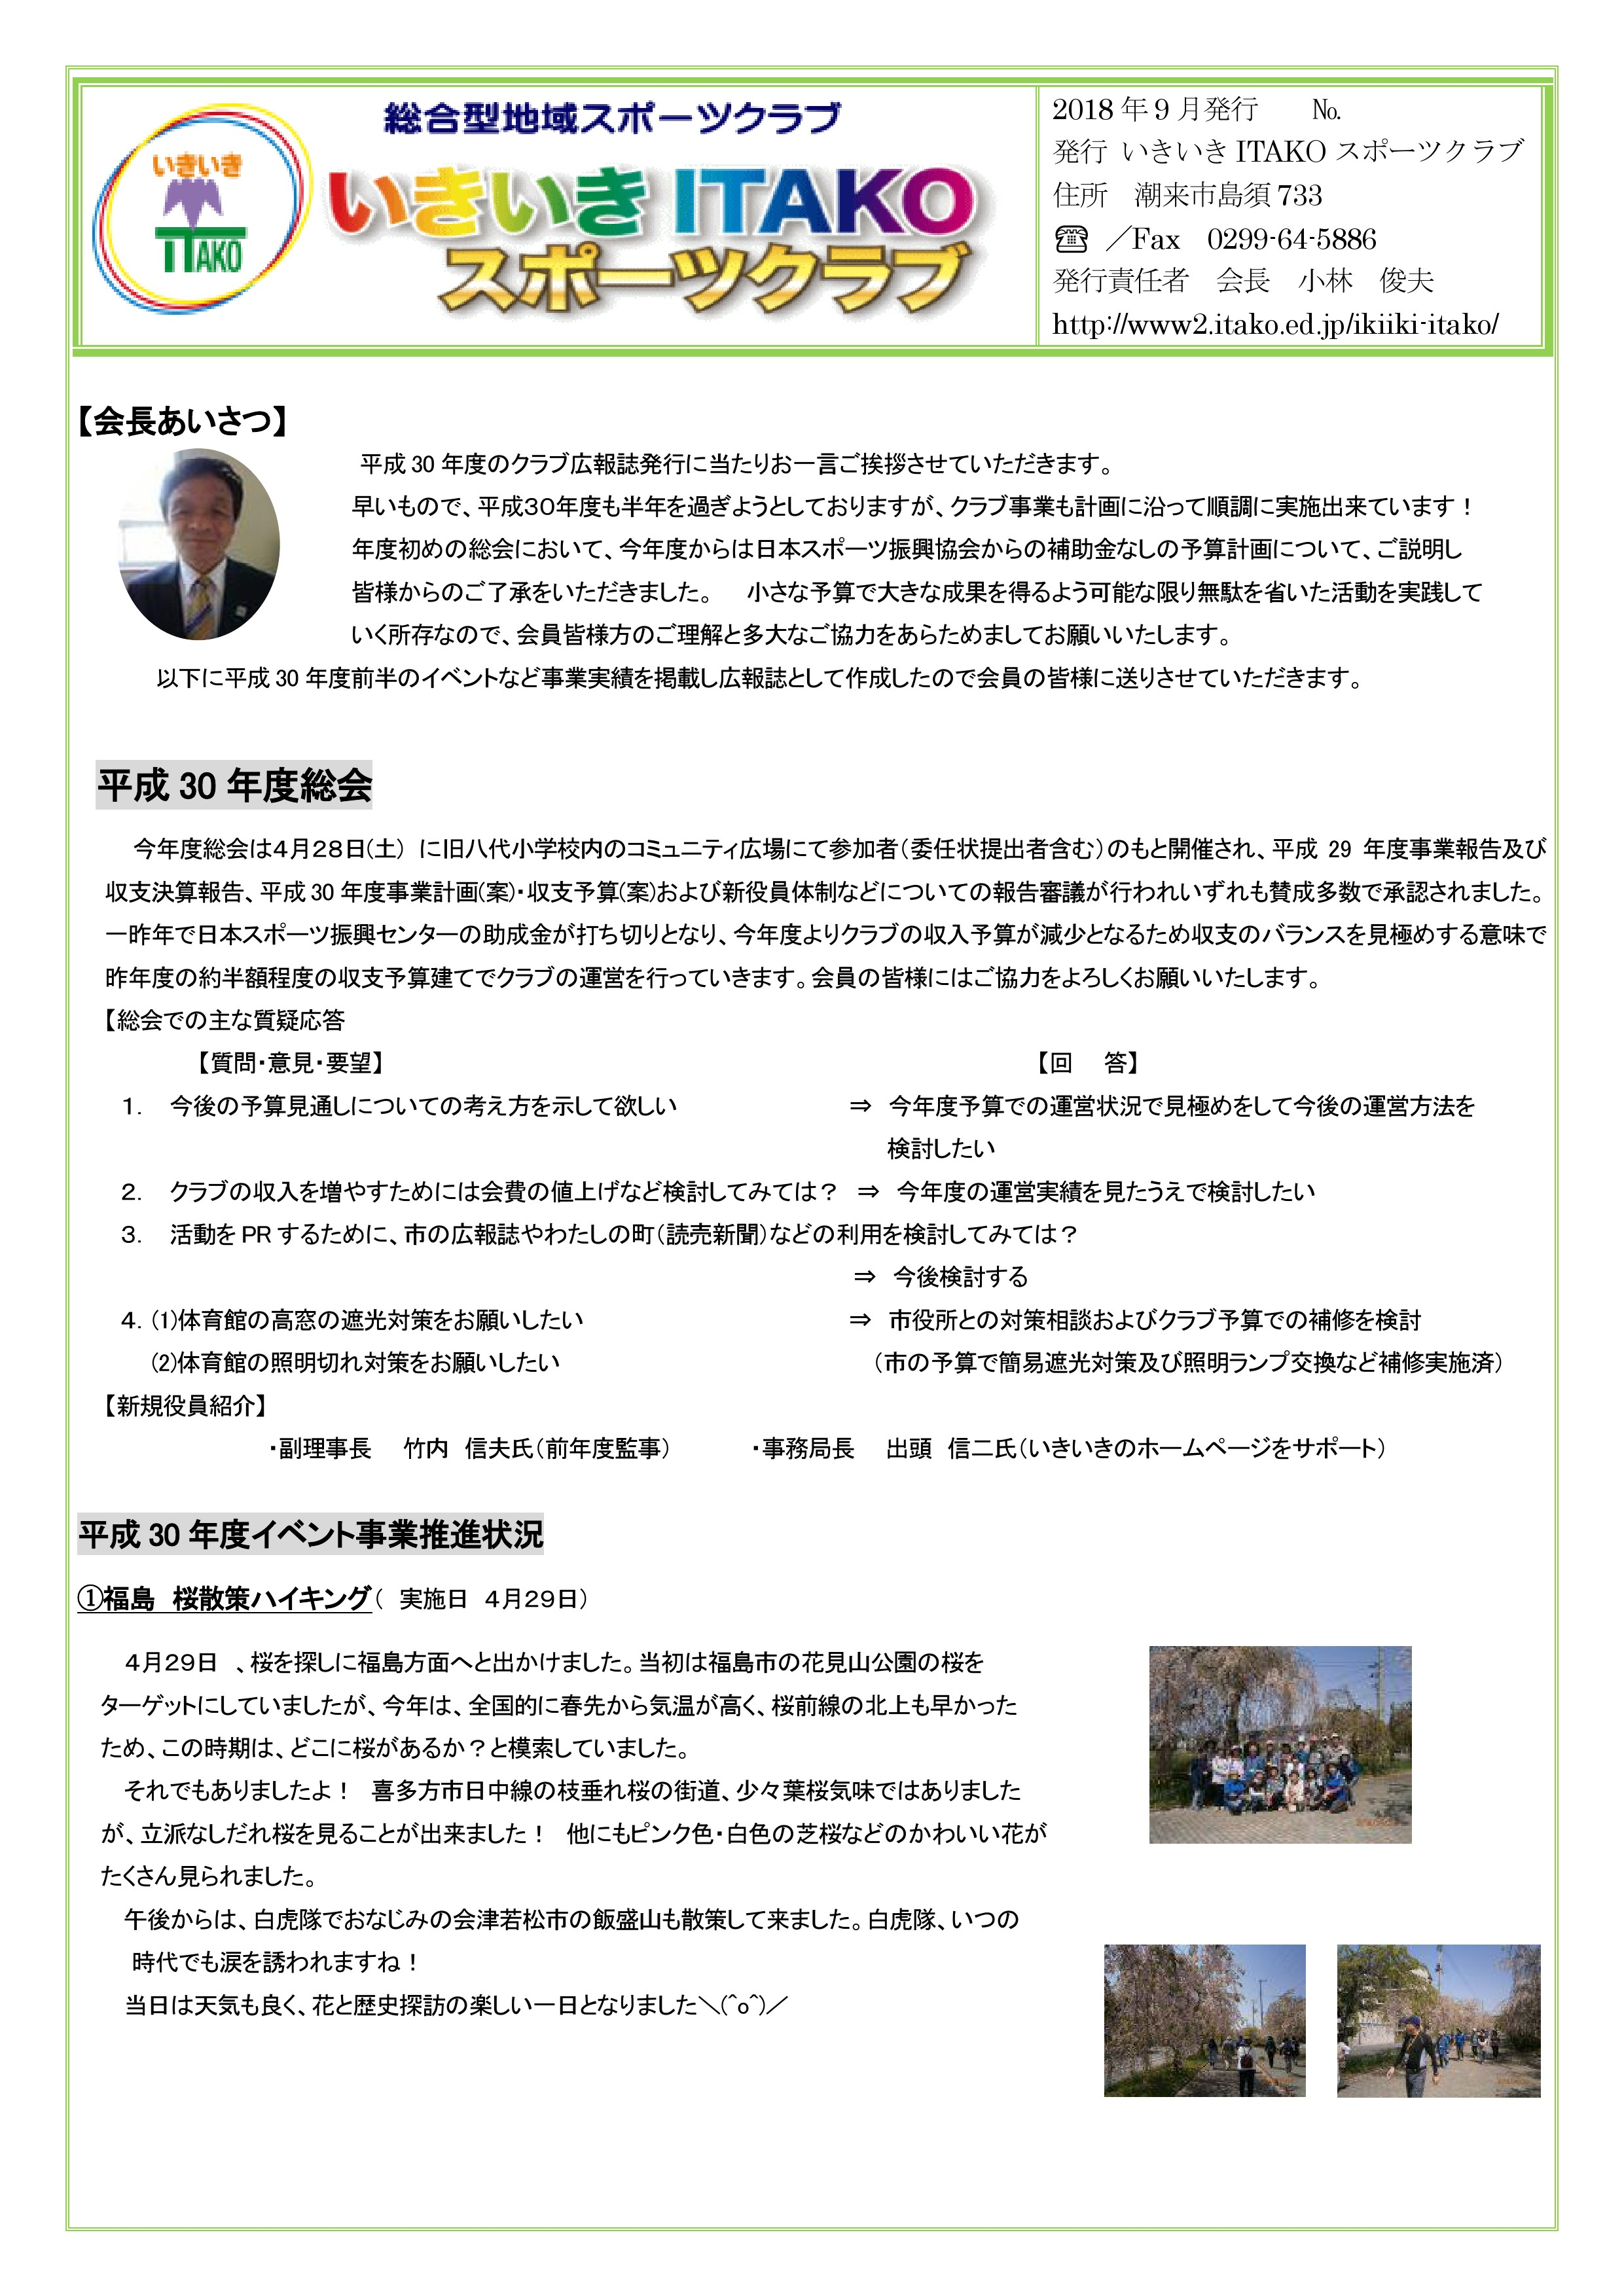 いきいきITAKOスポーツクラブ会報2018_01最終_PAGE0000